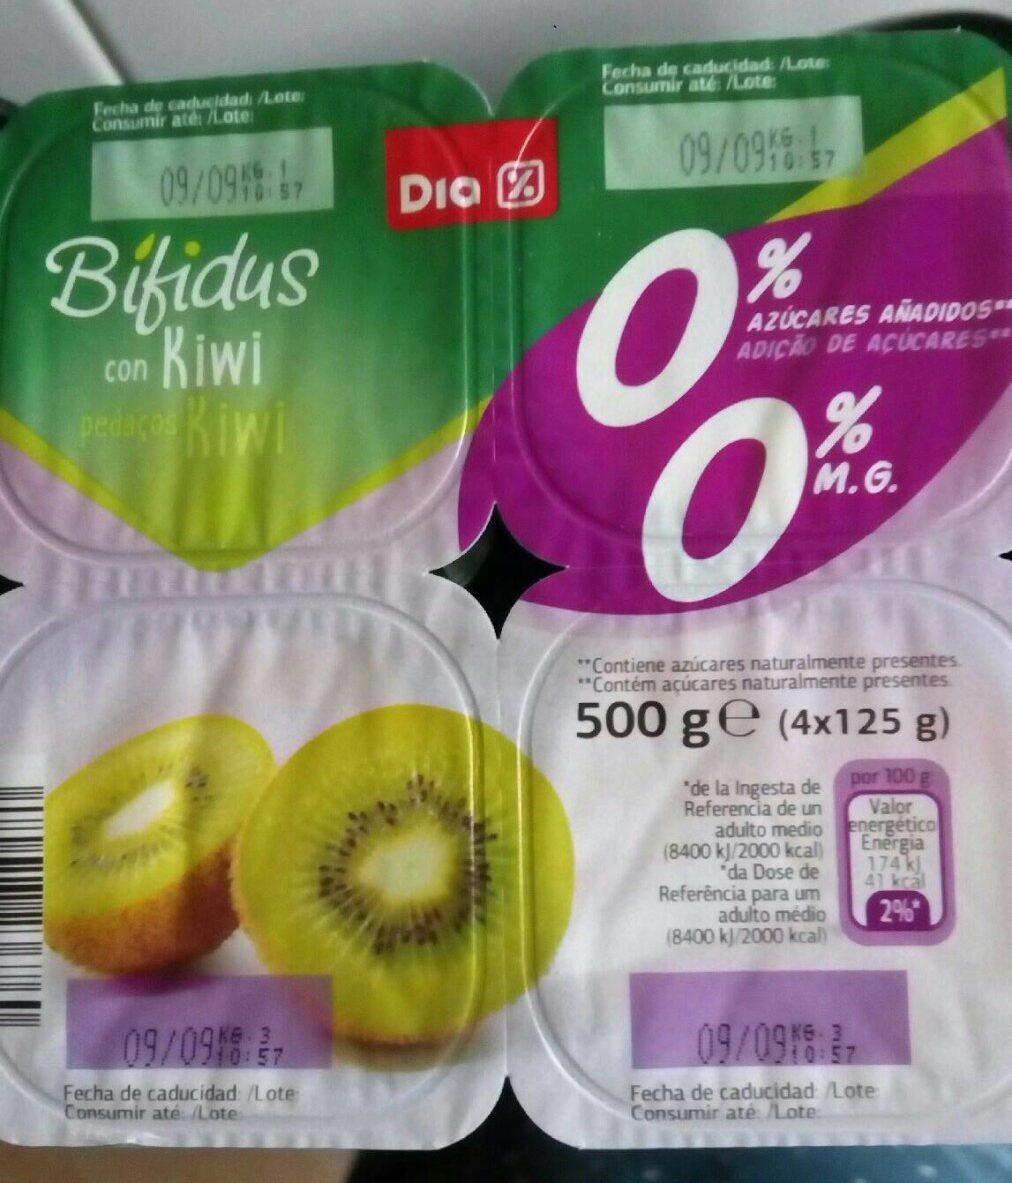 Bifidus con kiwi 0% - Producto - es